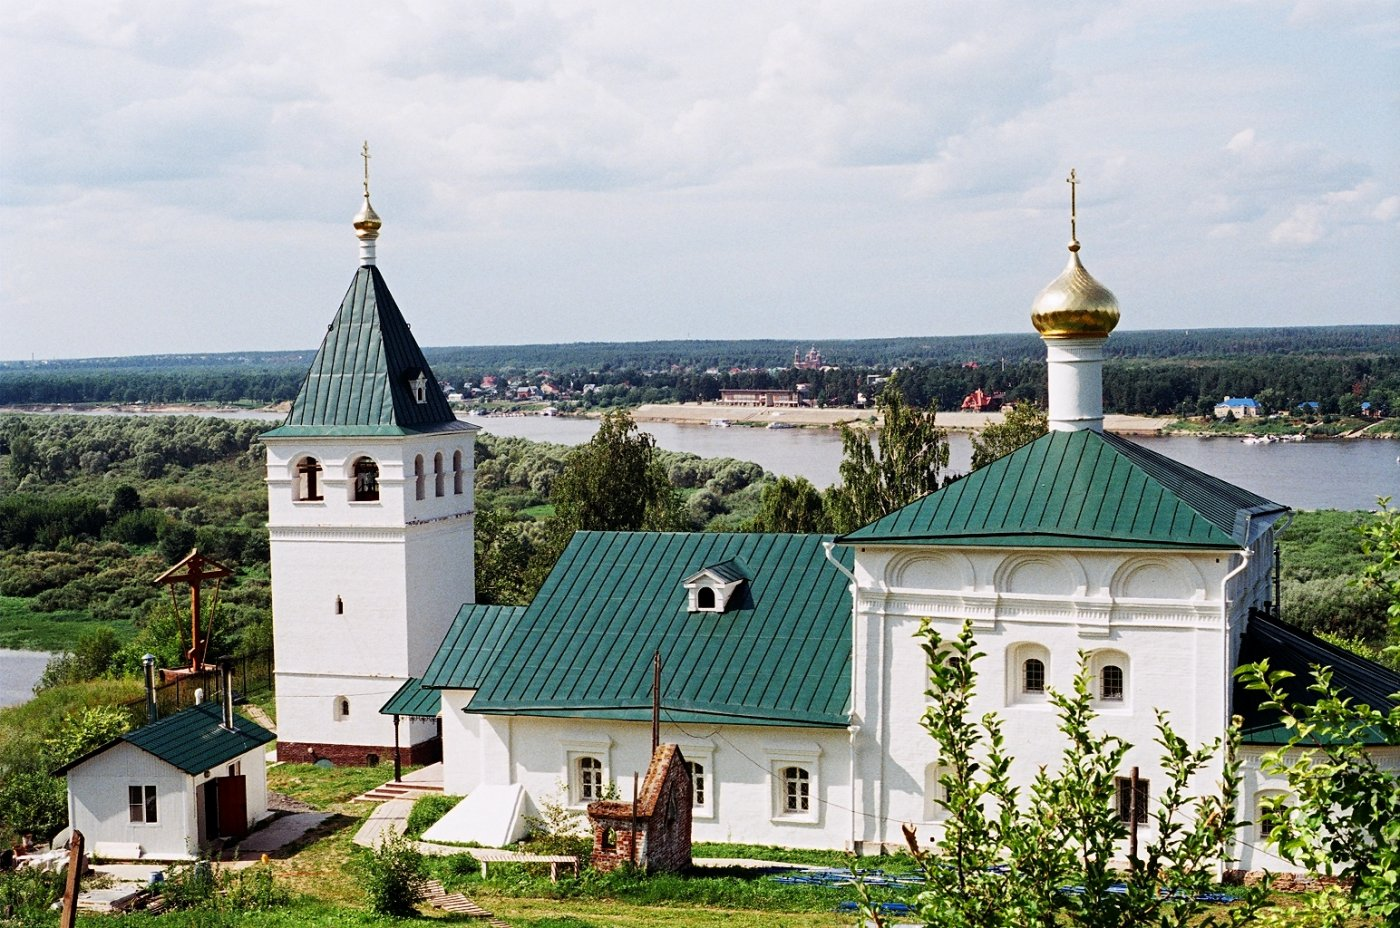 николаевский амвросиев дудин монастырь